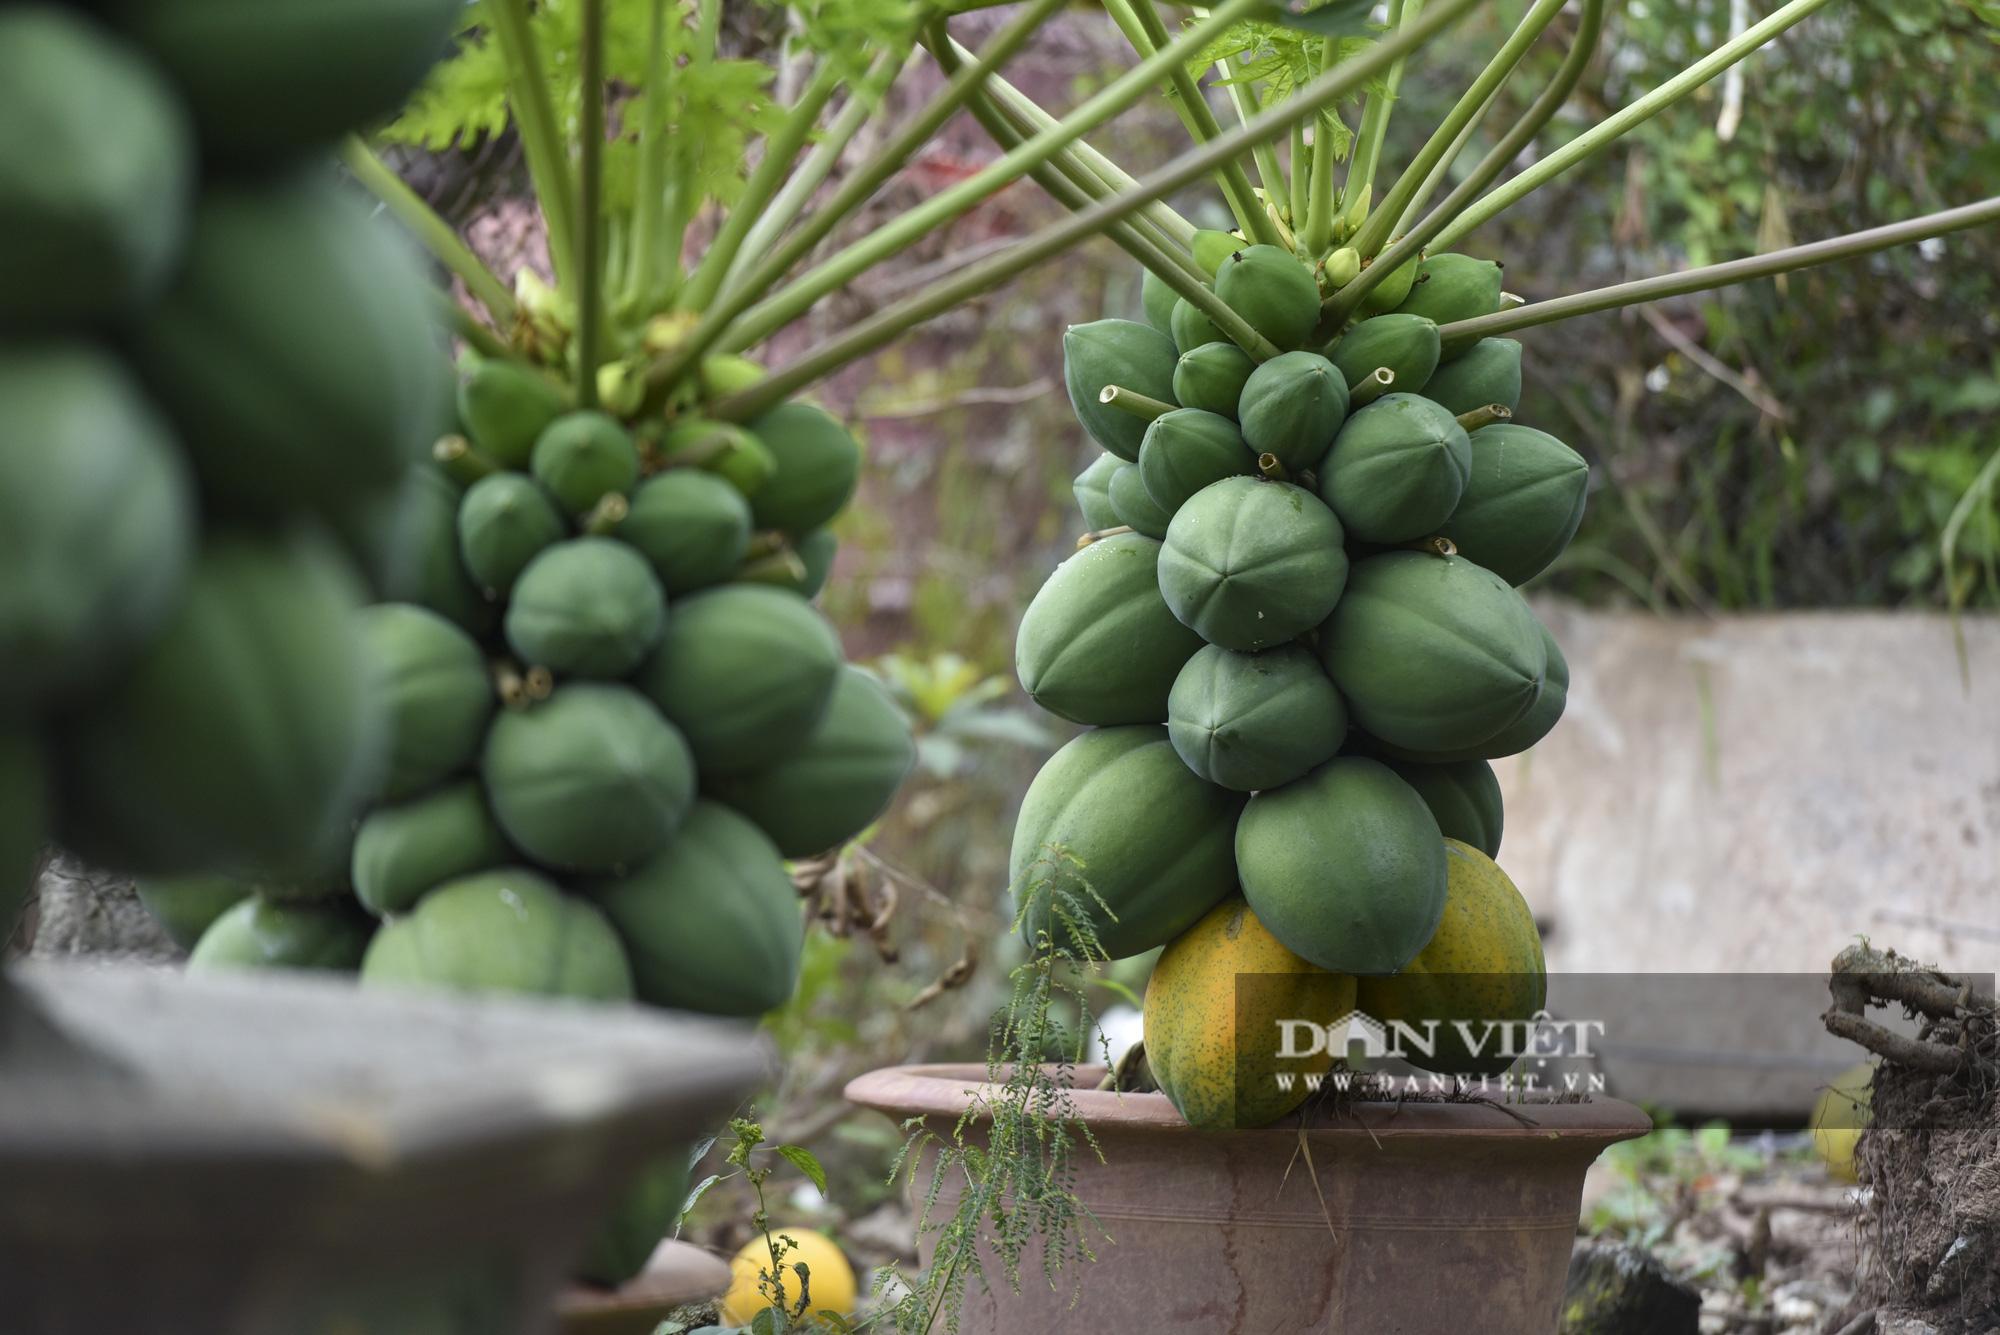 Độc đáo vườn đu đủ bonsai trĩu quả chơi Tết, mỗi cây giá bạc triệu hút khách mua chơi Tết - Ảnh 8.